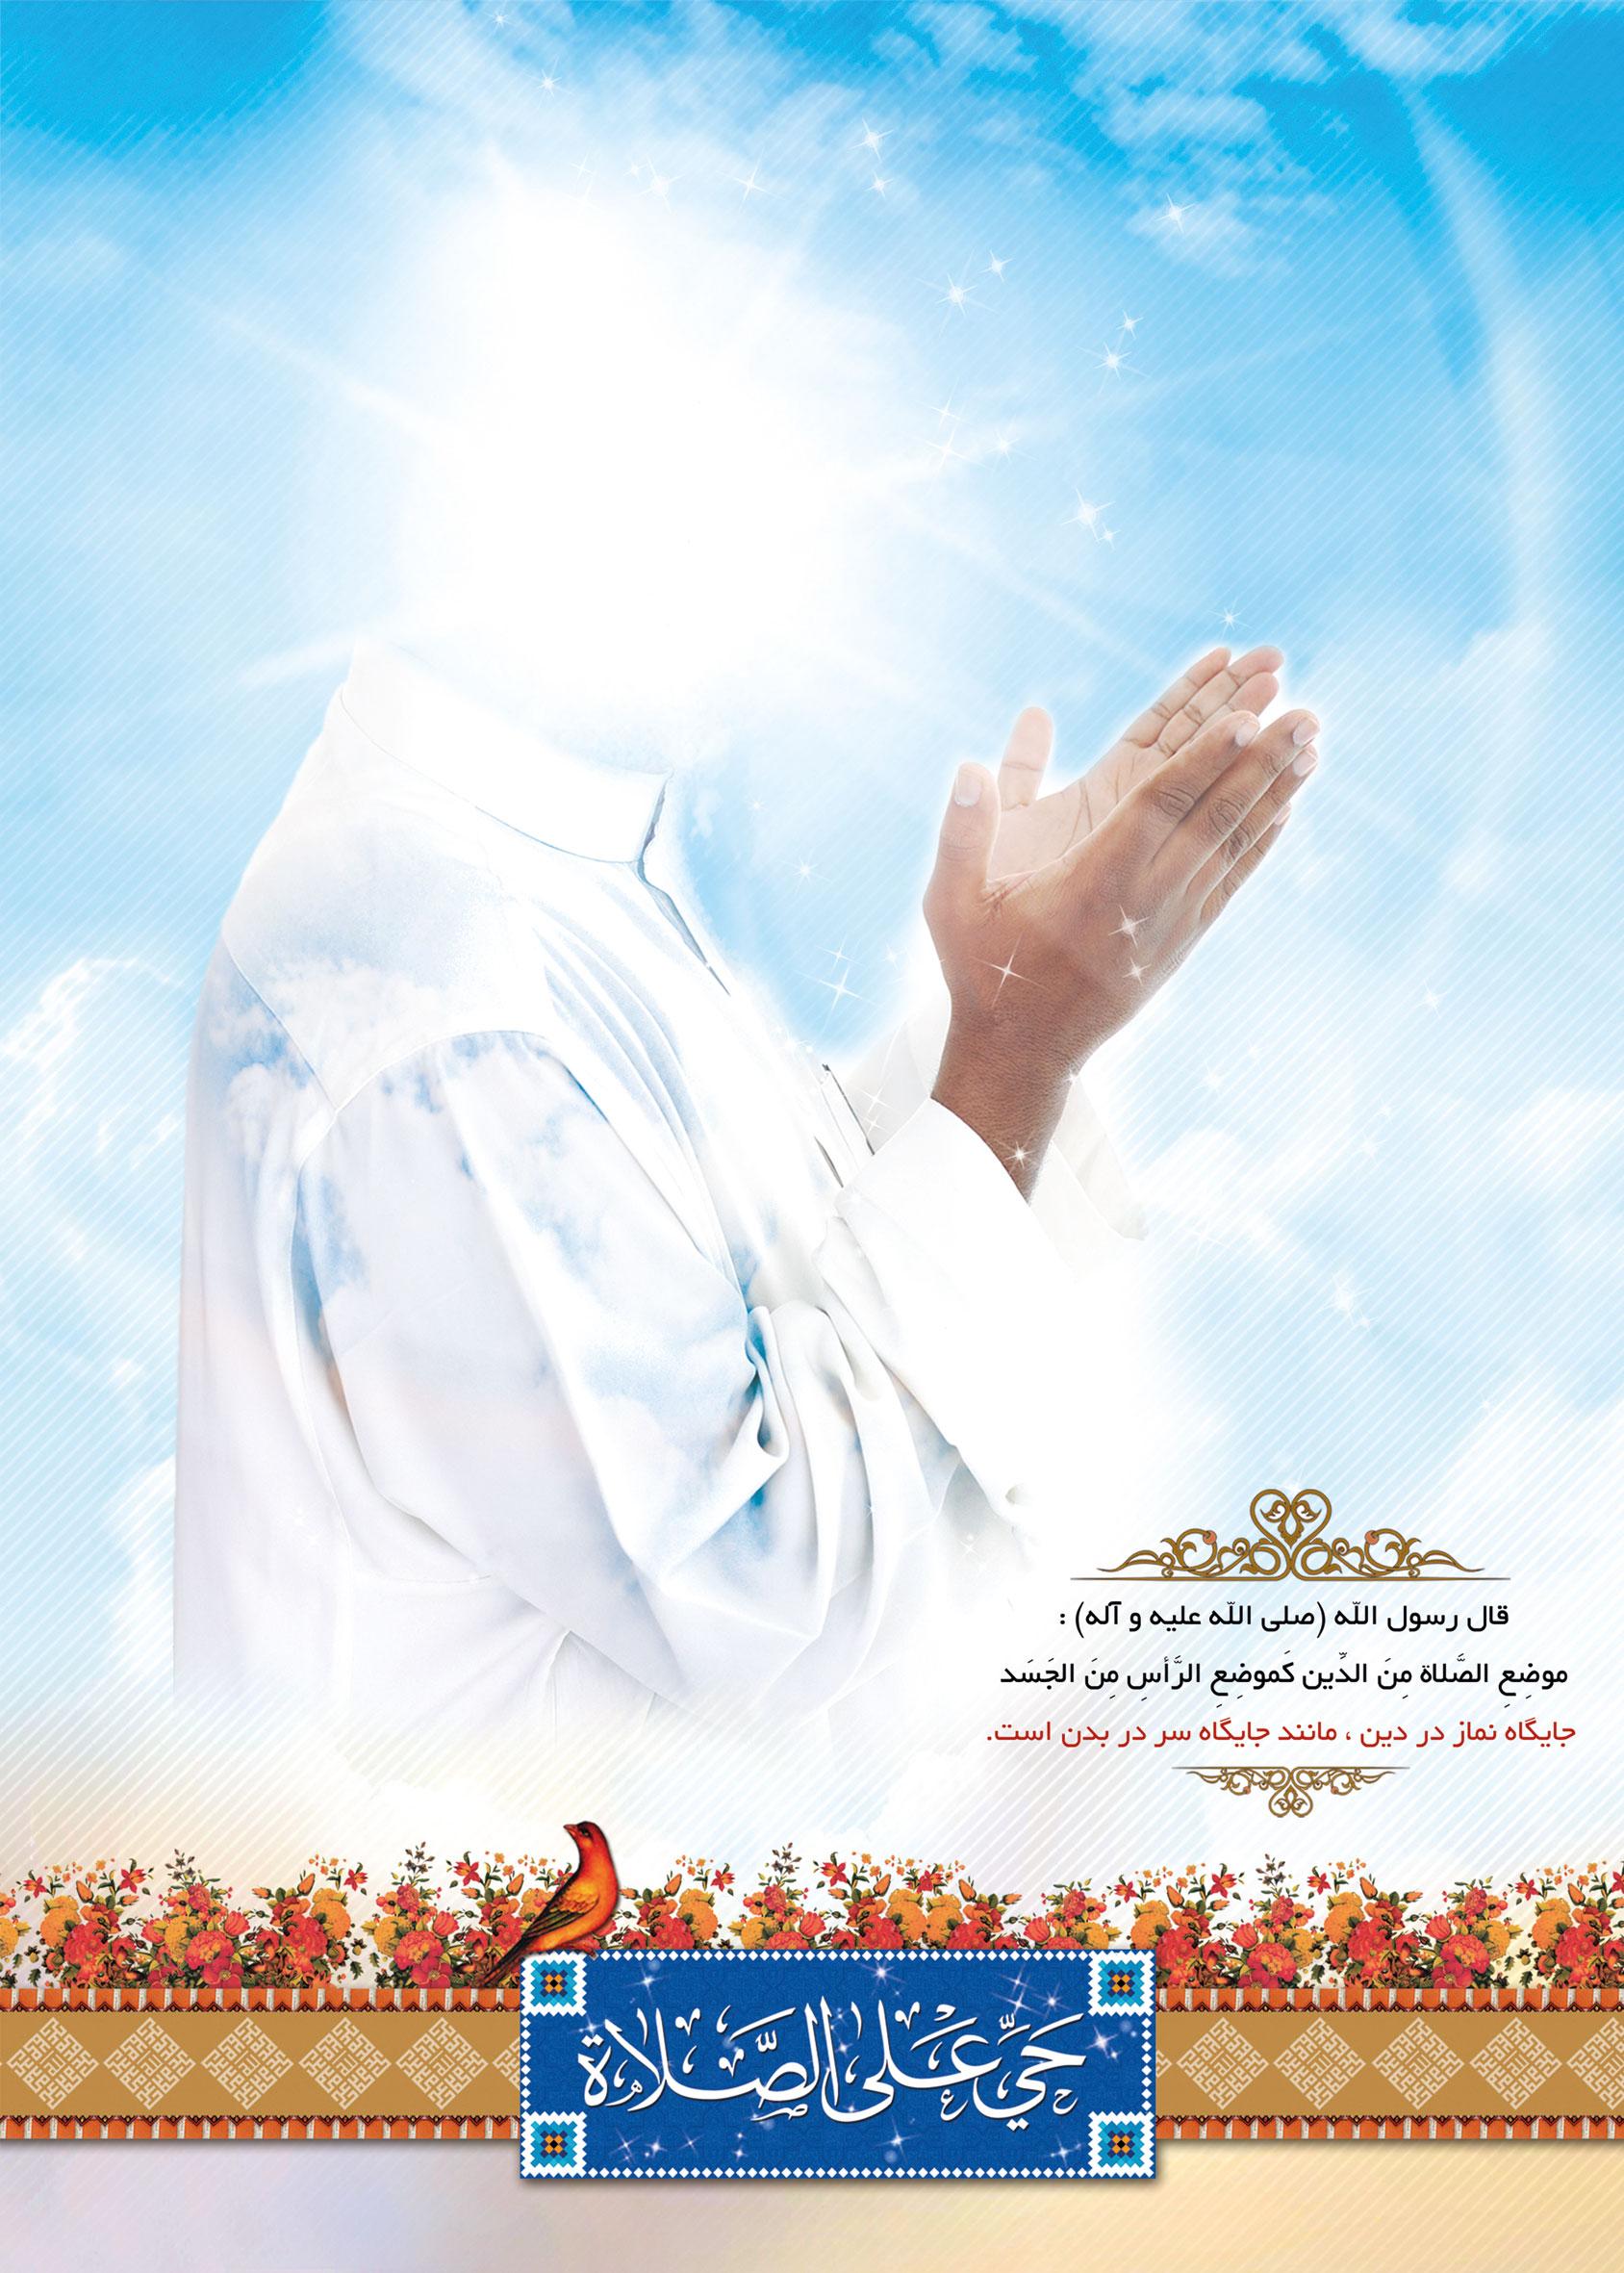 نماز - نماز